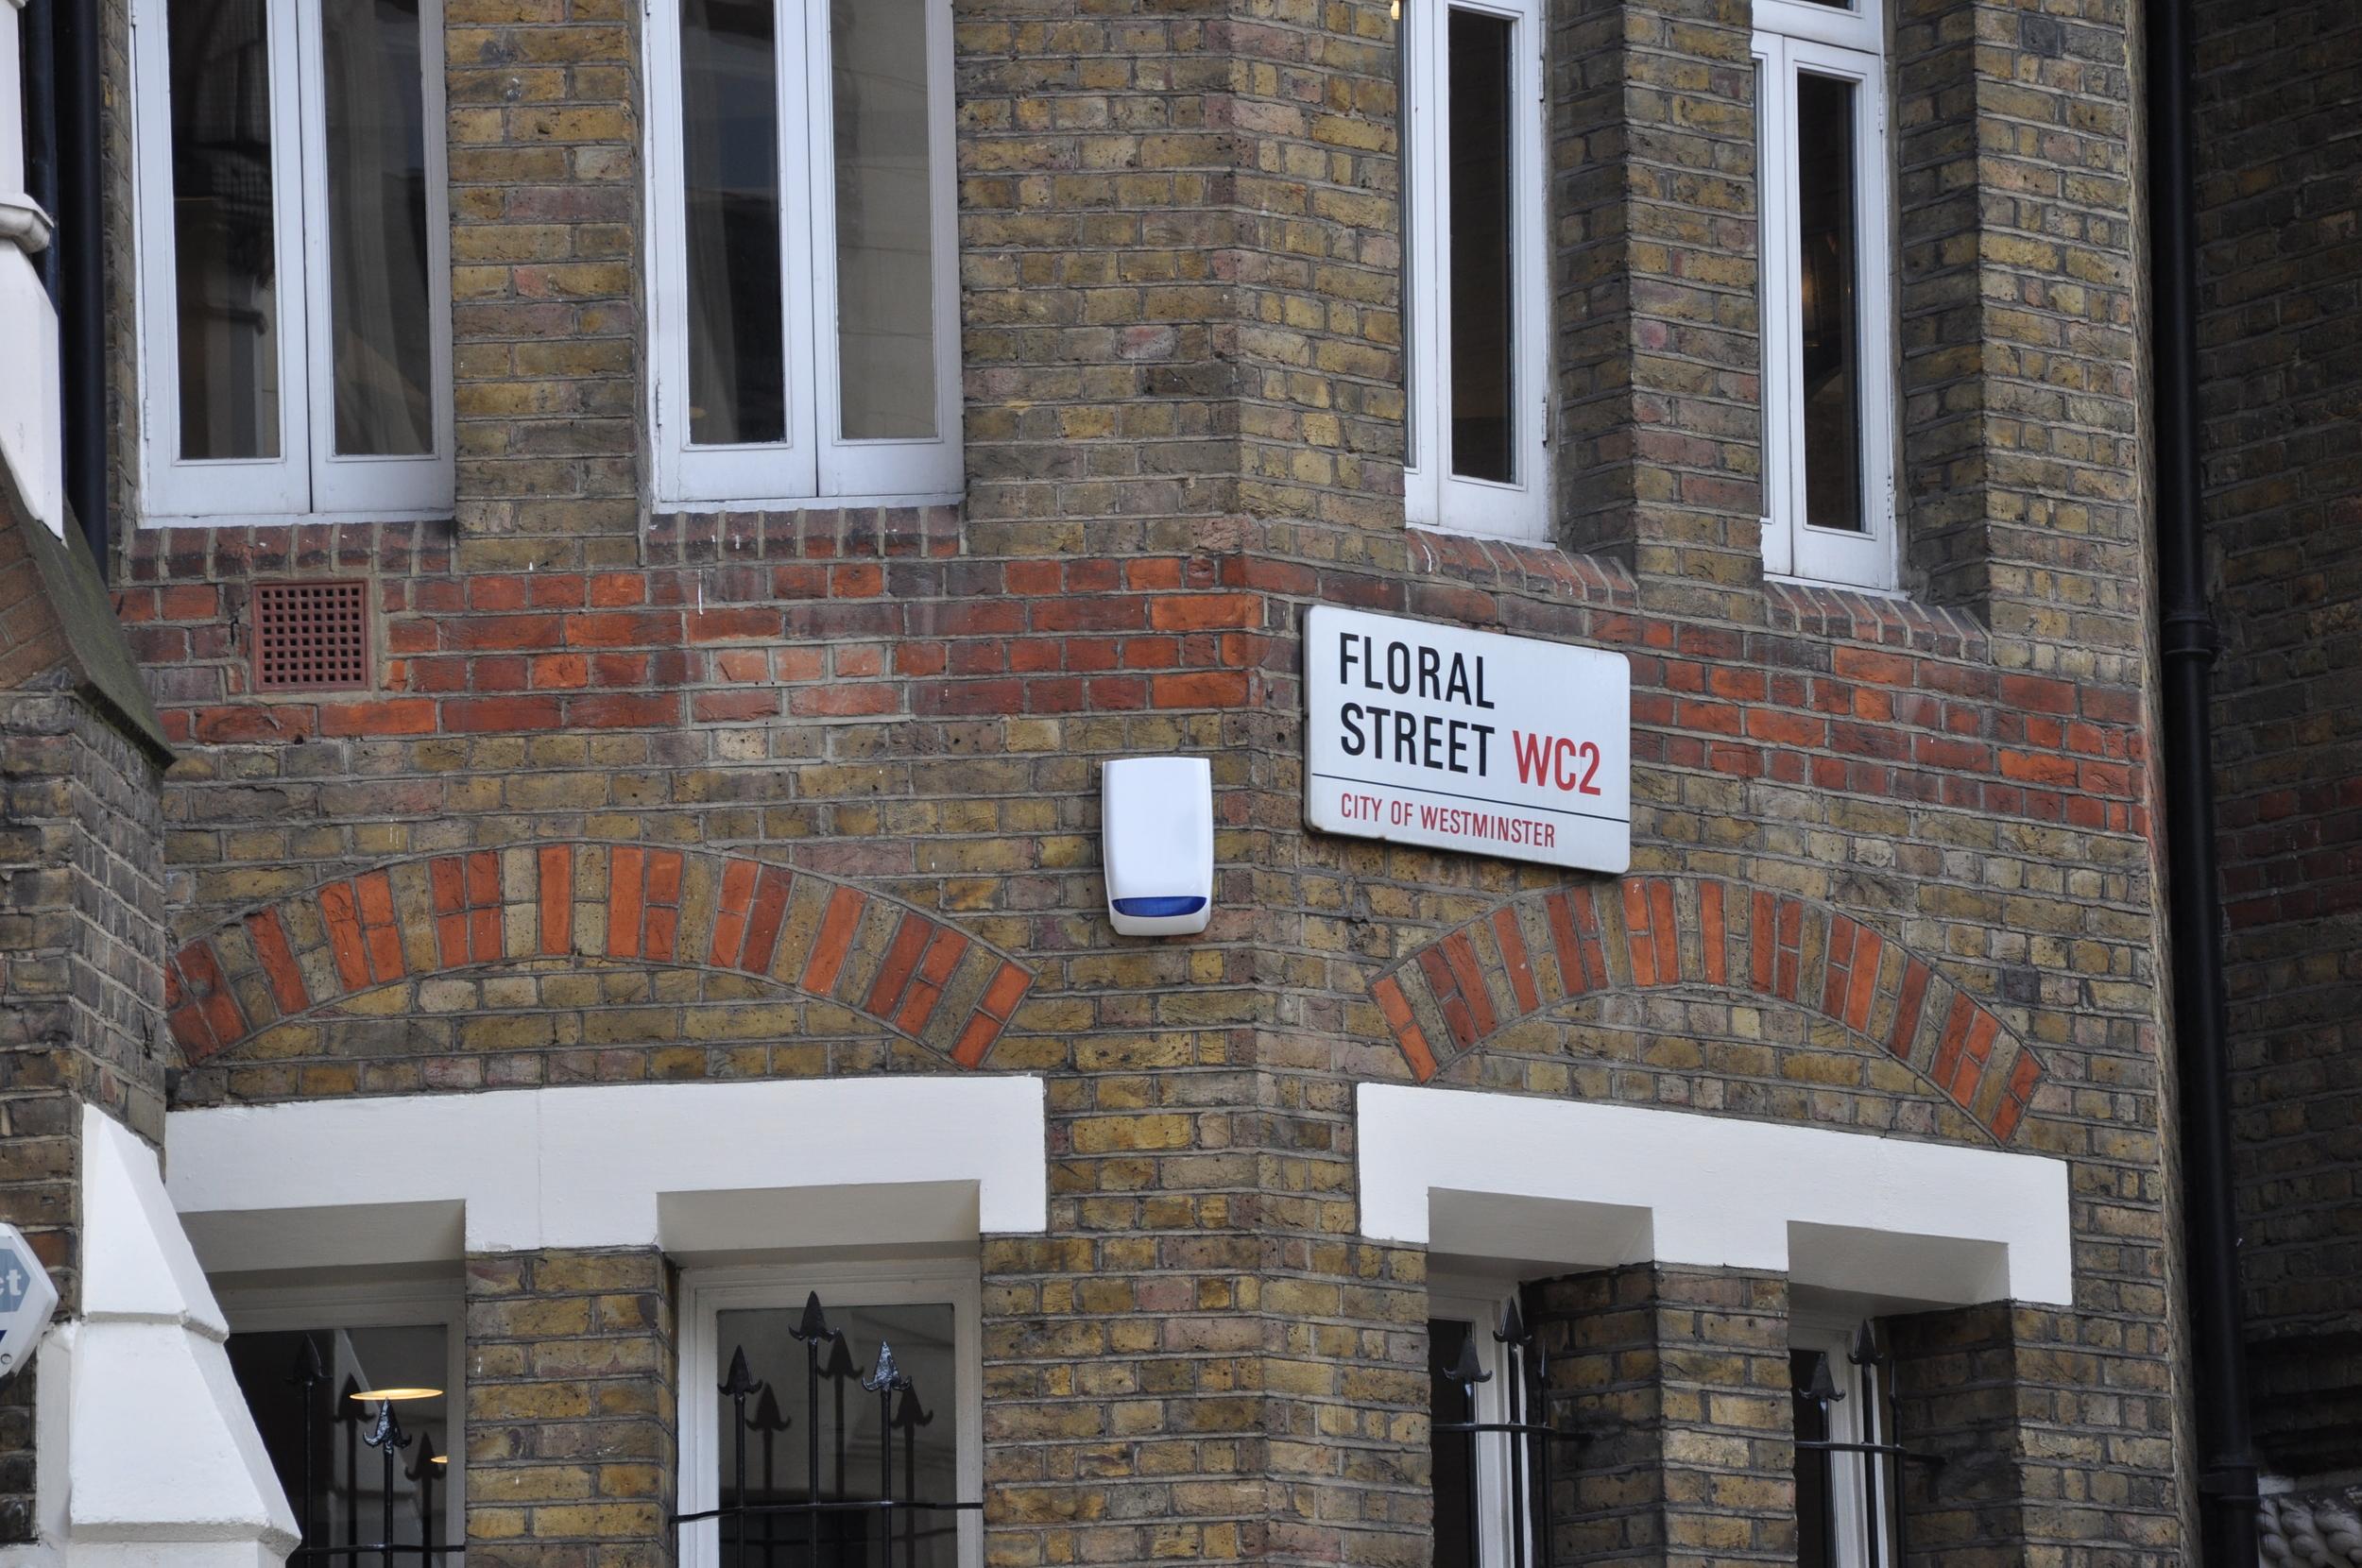 Floral Street sign on corner of building, London